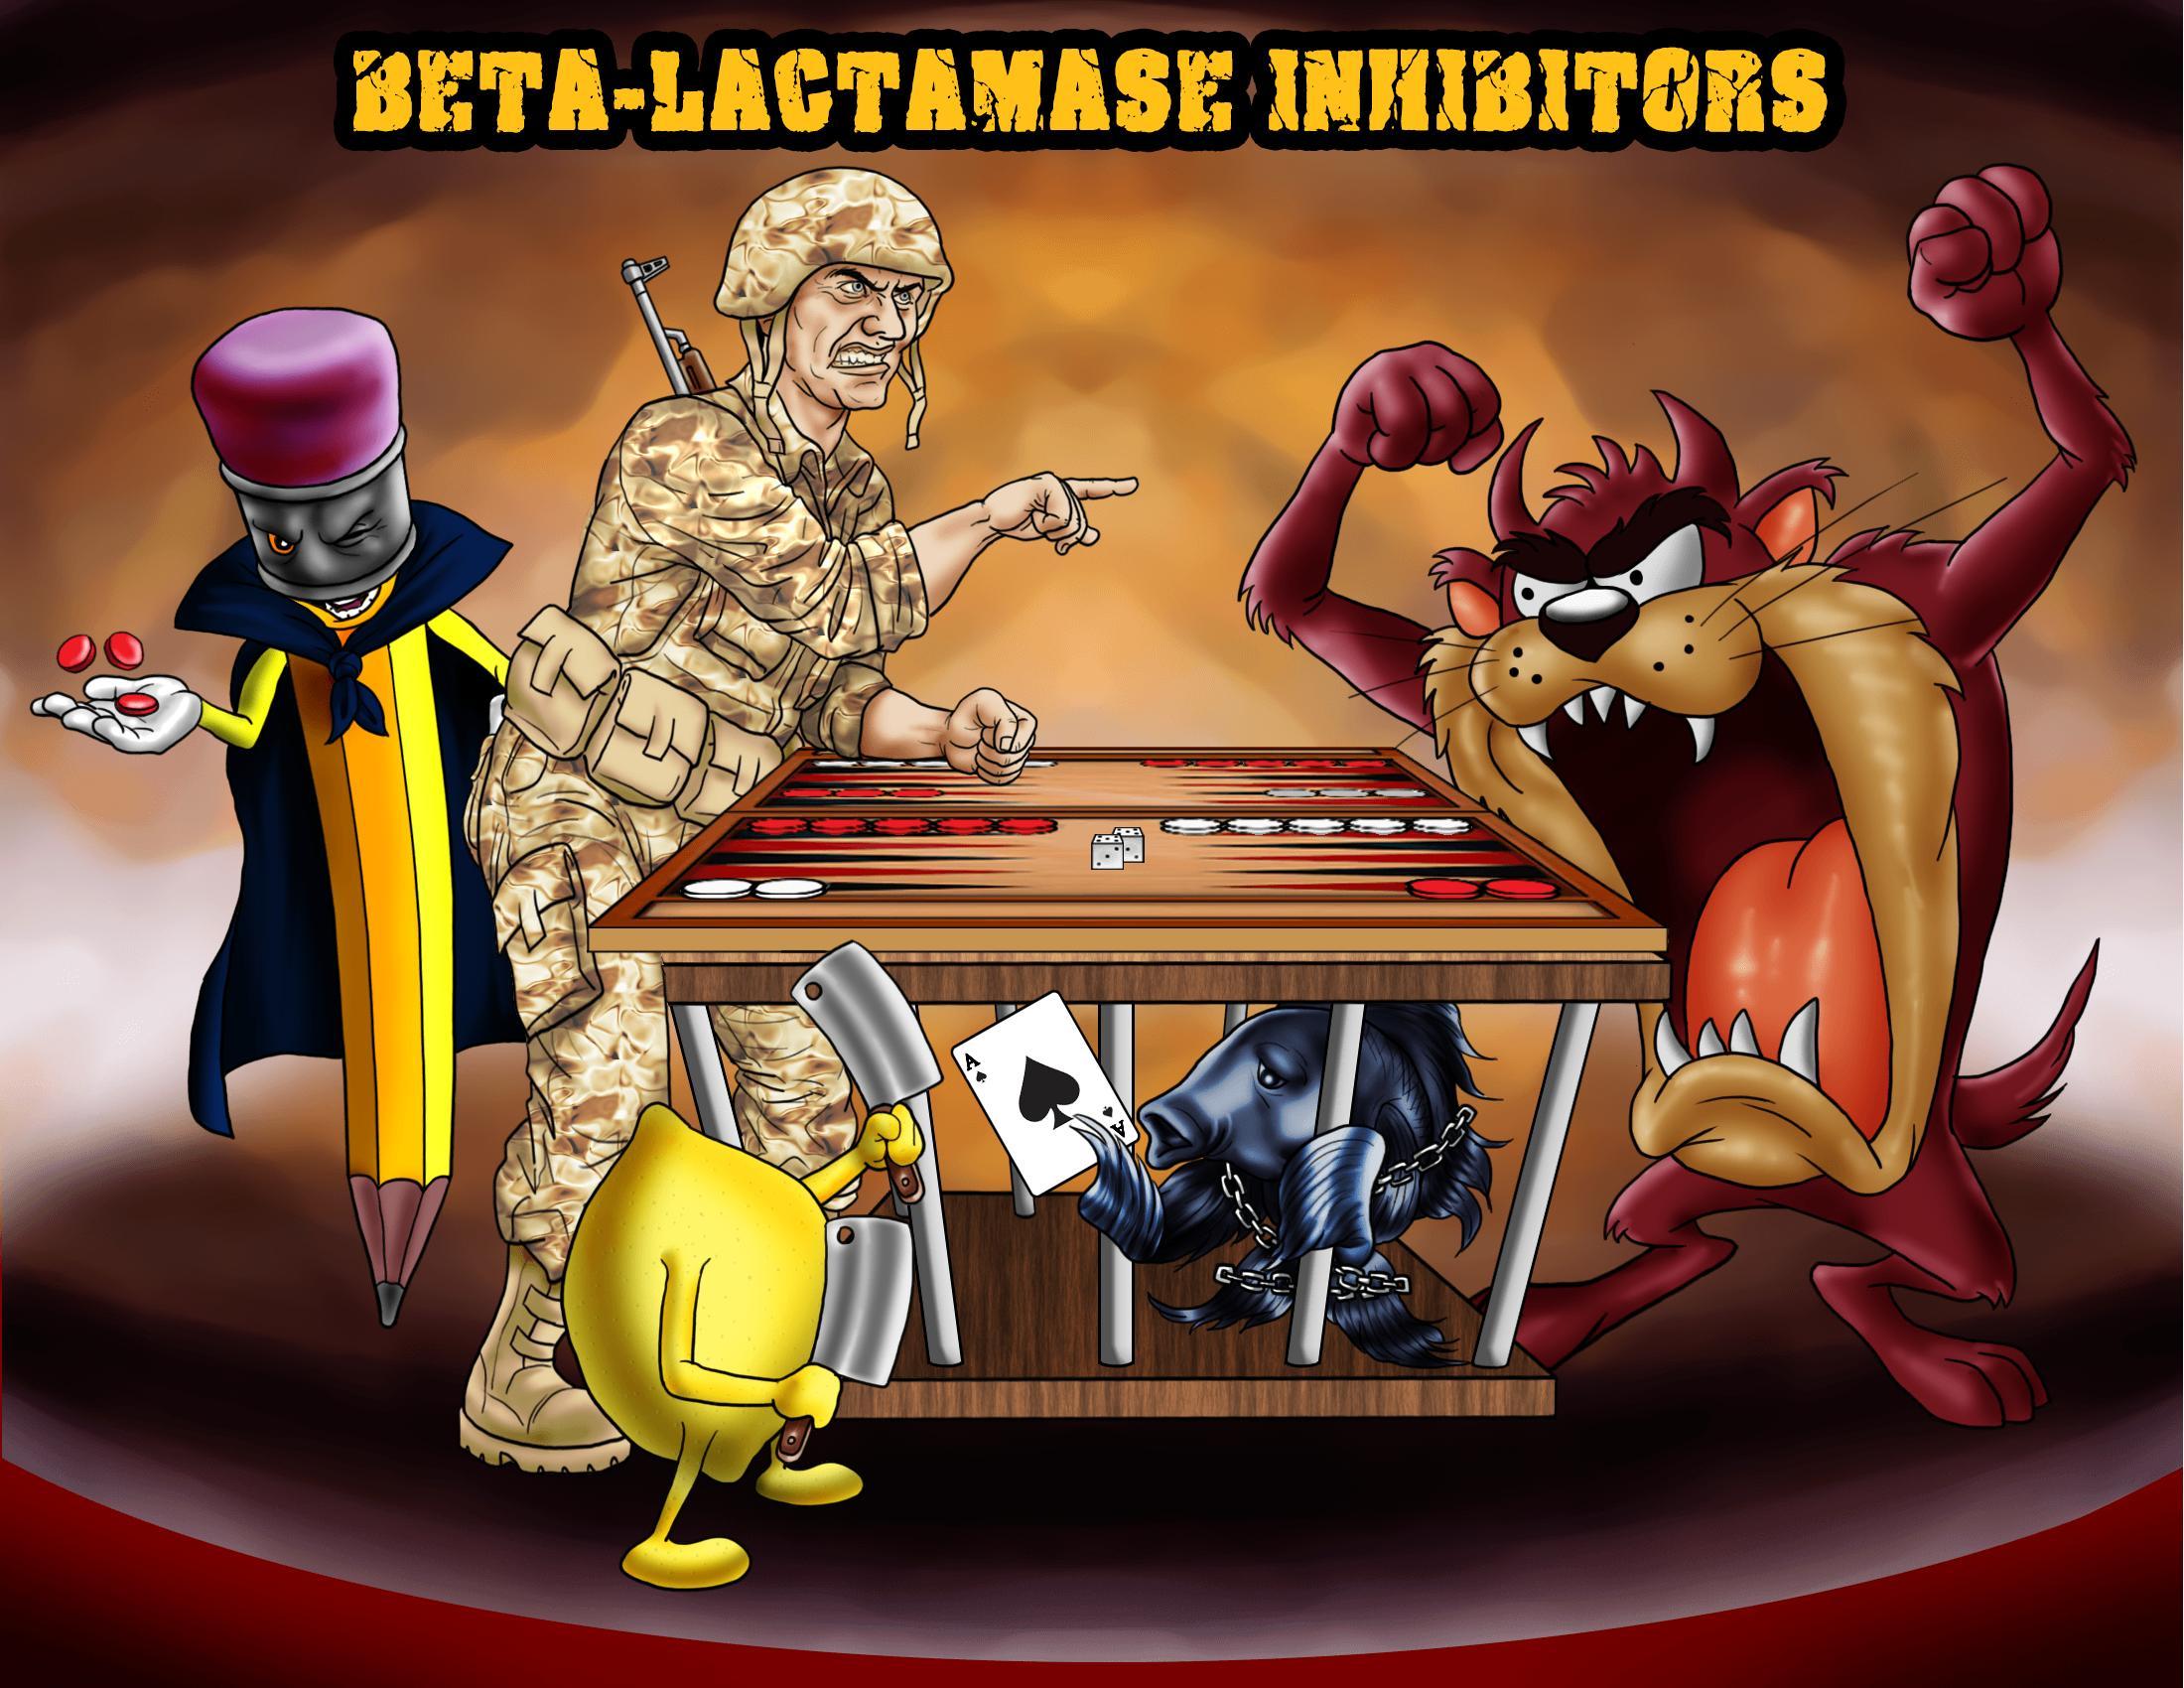 Beta-Lactamase Inhibitors